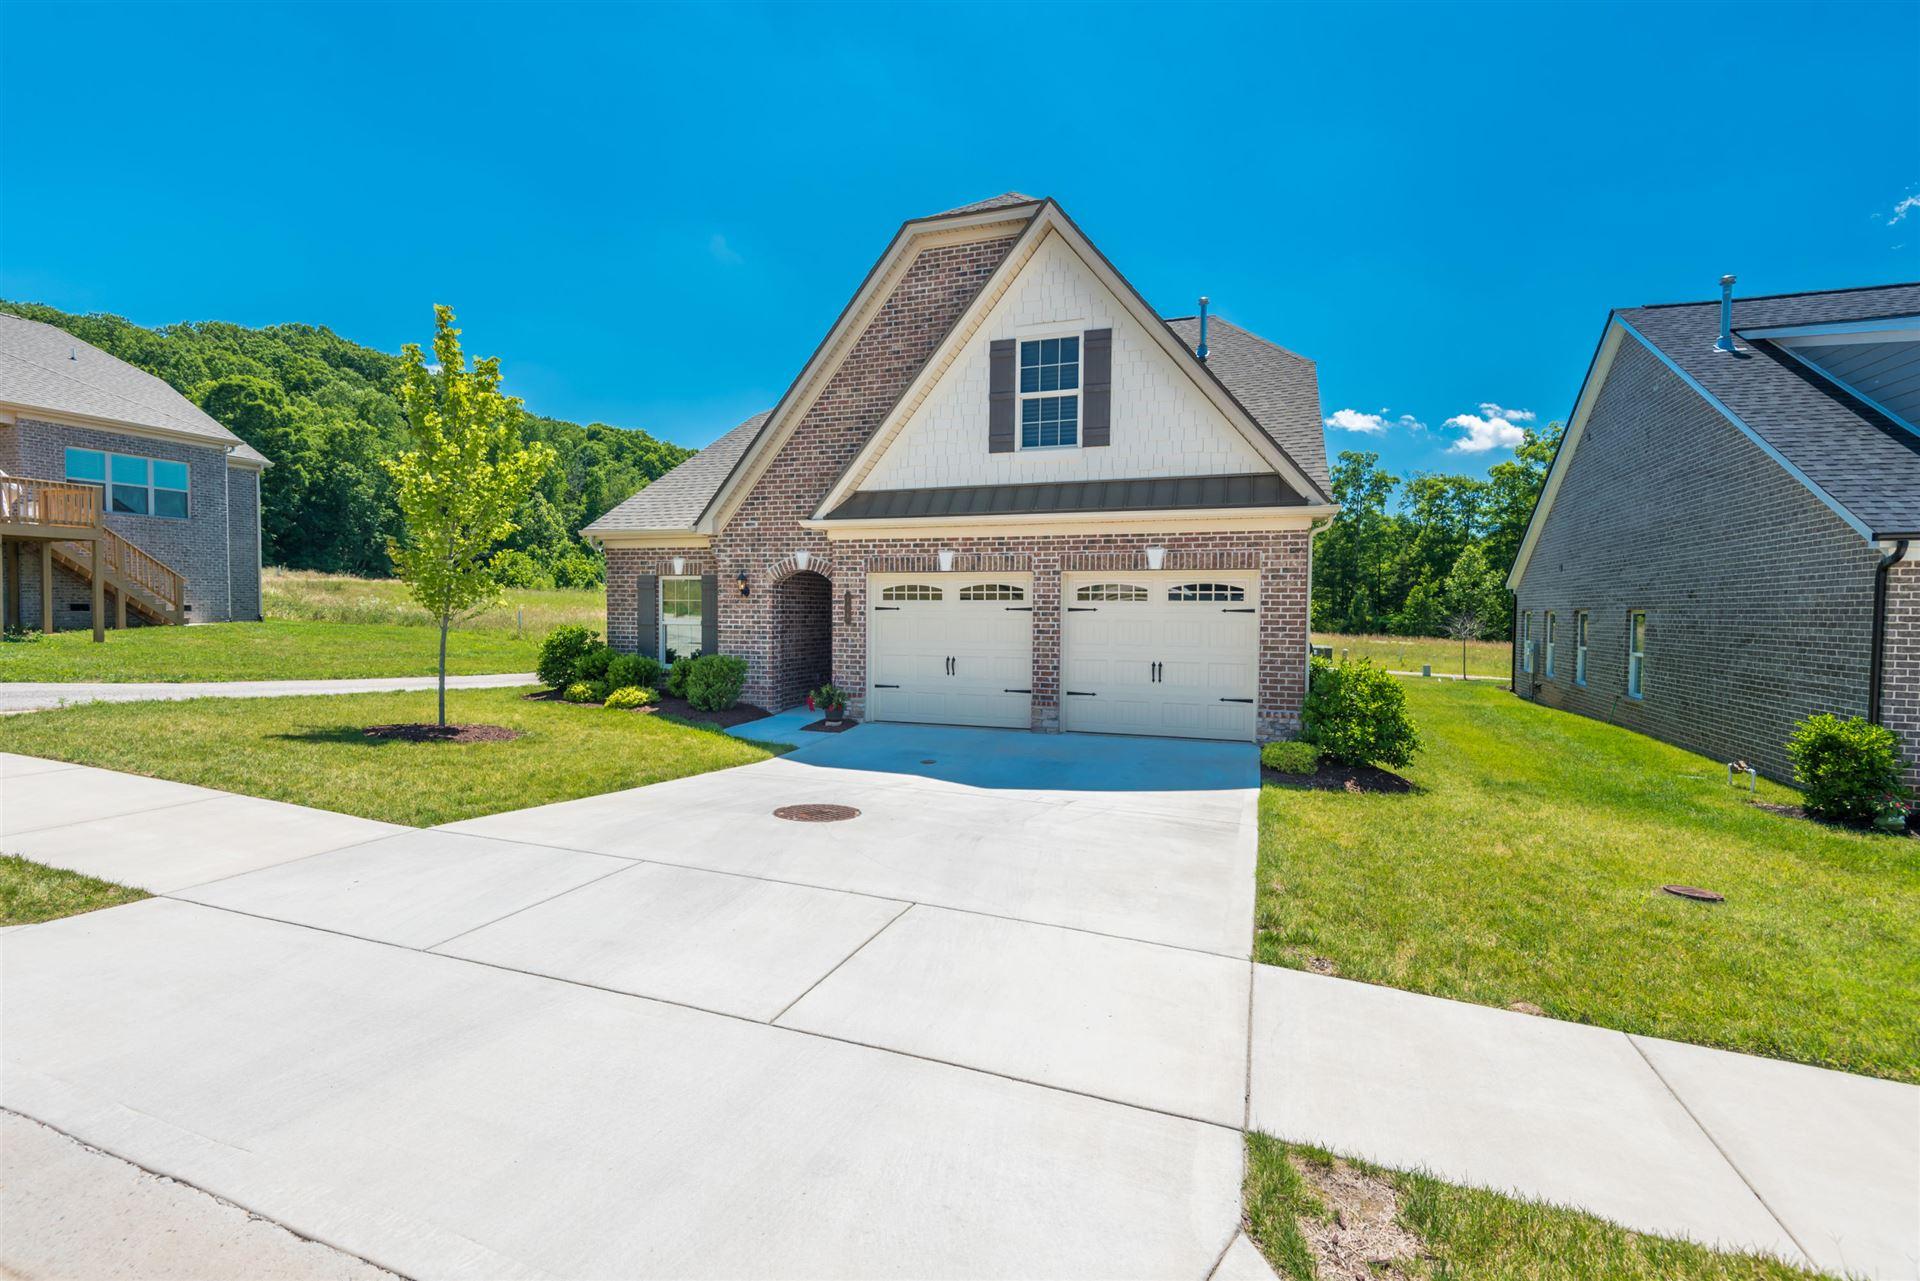 Photo of 114 Szilard St, Oak Ridge, TN 37830 (MLS # 1156646)